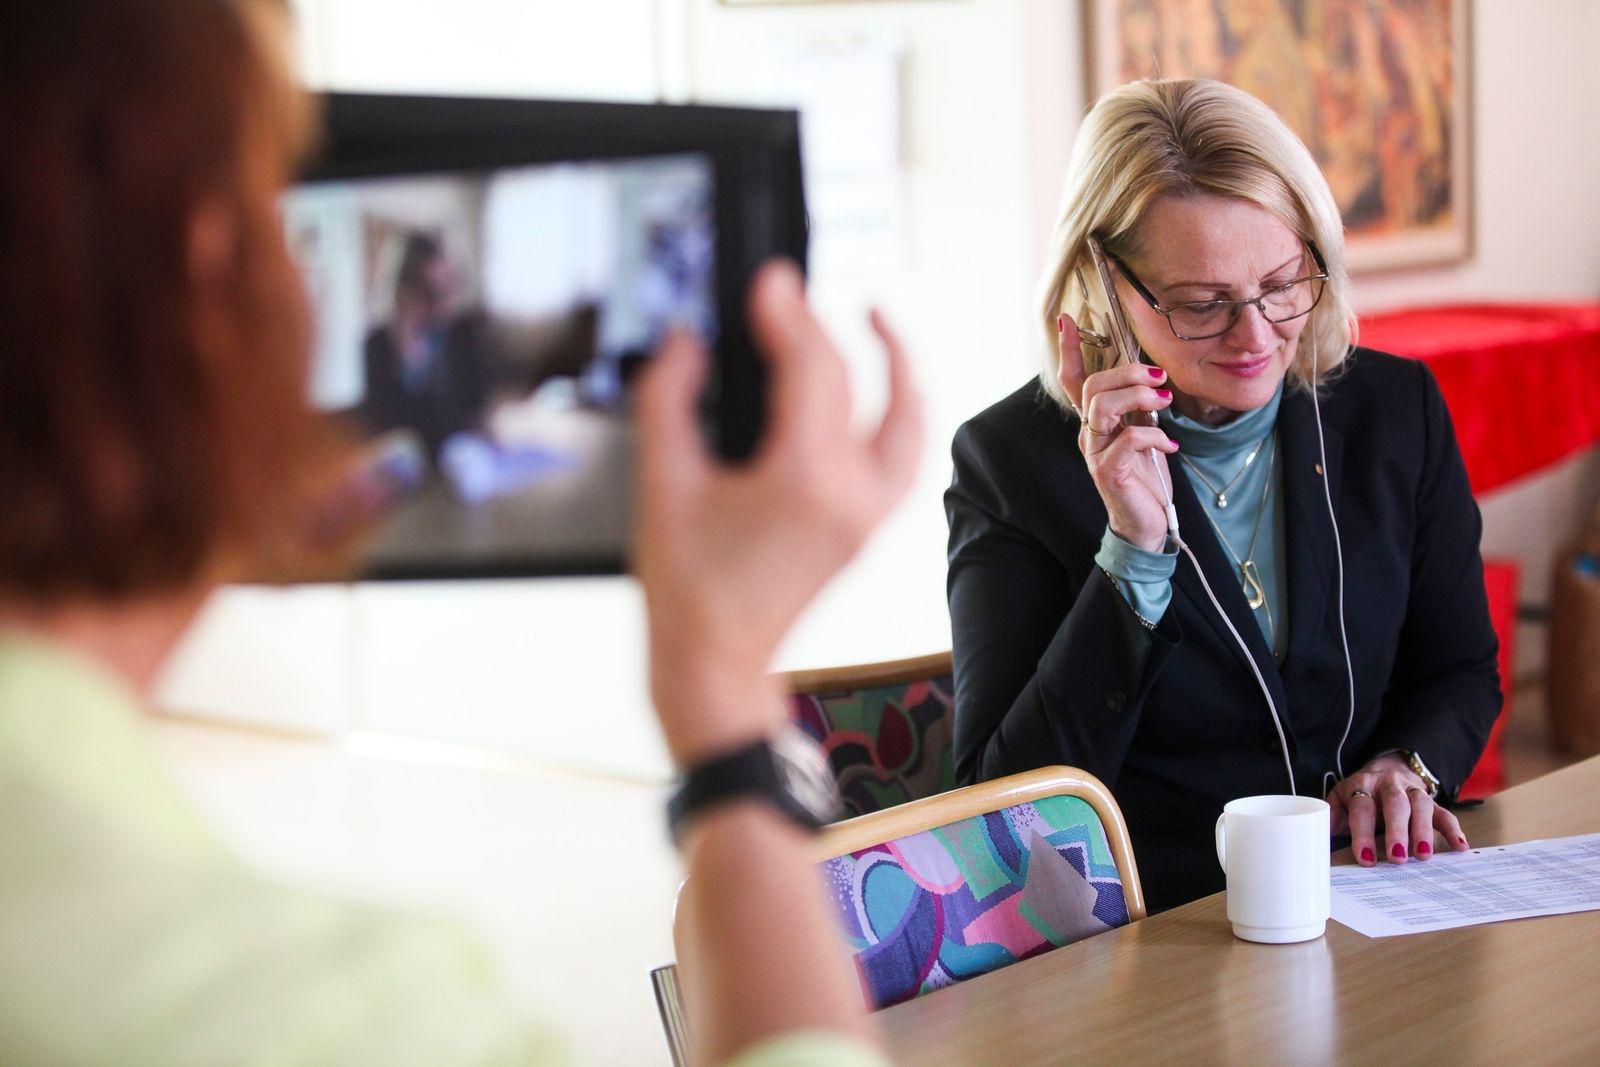 EU-parlamentarikern Heléne Fritzon (S) gästade sina partivänner i Simrishamn i april. Tillsammans med arbetarekommunens styrelsemedlemmar ringde Fritzon upp äldre medlemmar som satt isolerade hemma.